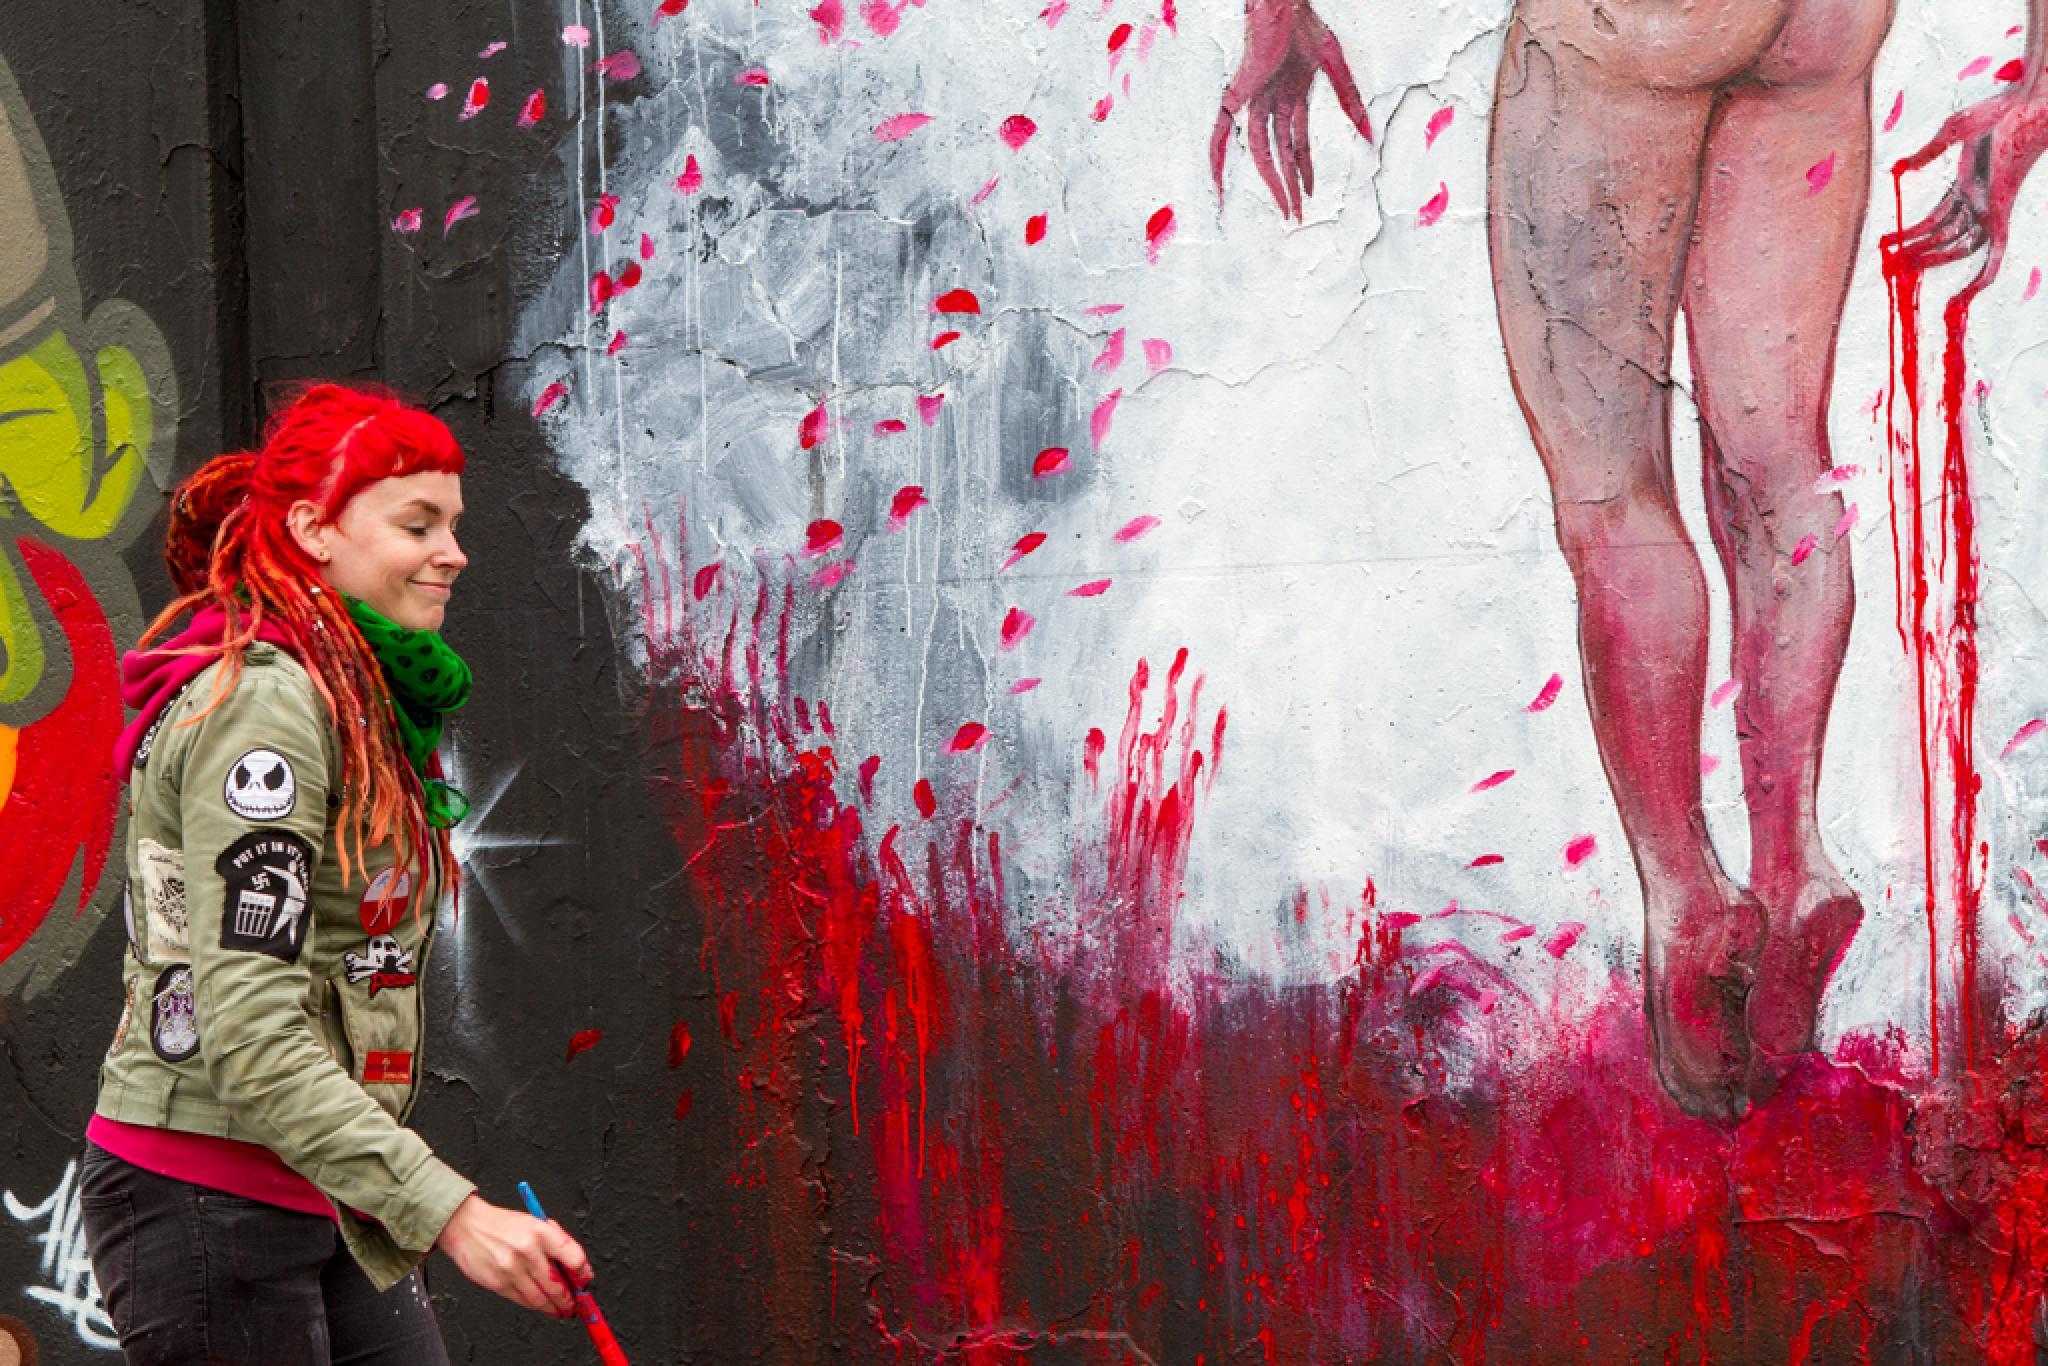 Grafitti festival by JoseVerstegen